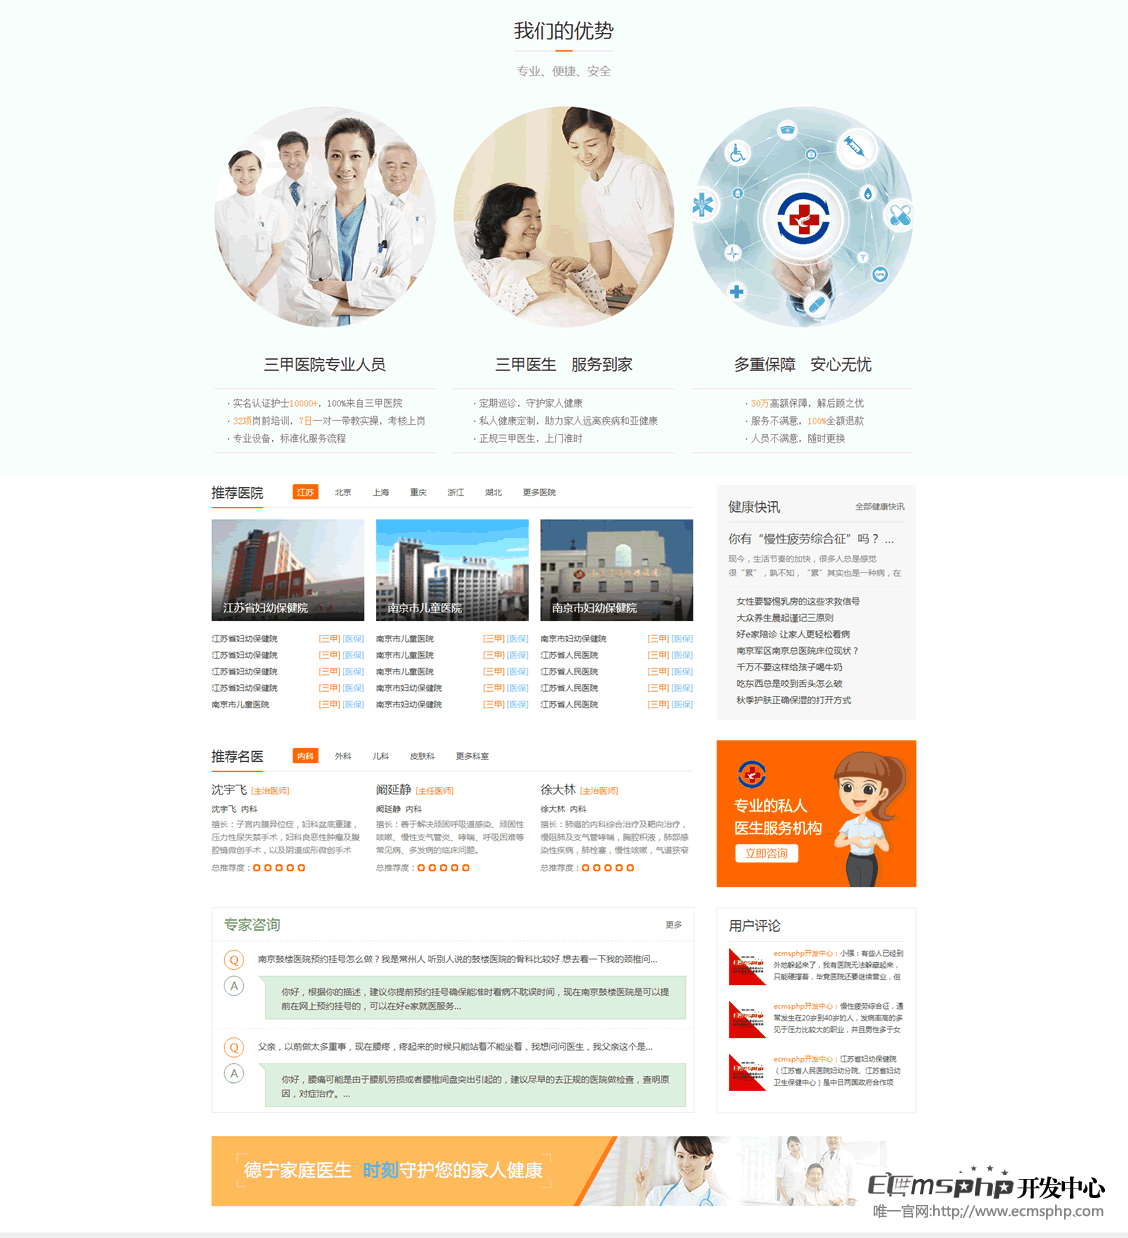 帝国cms医院模板,高仿德宁家庭私人医疗官网网站整站首页模板源码